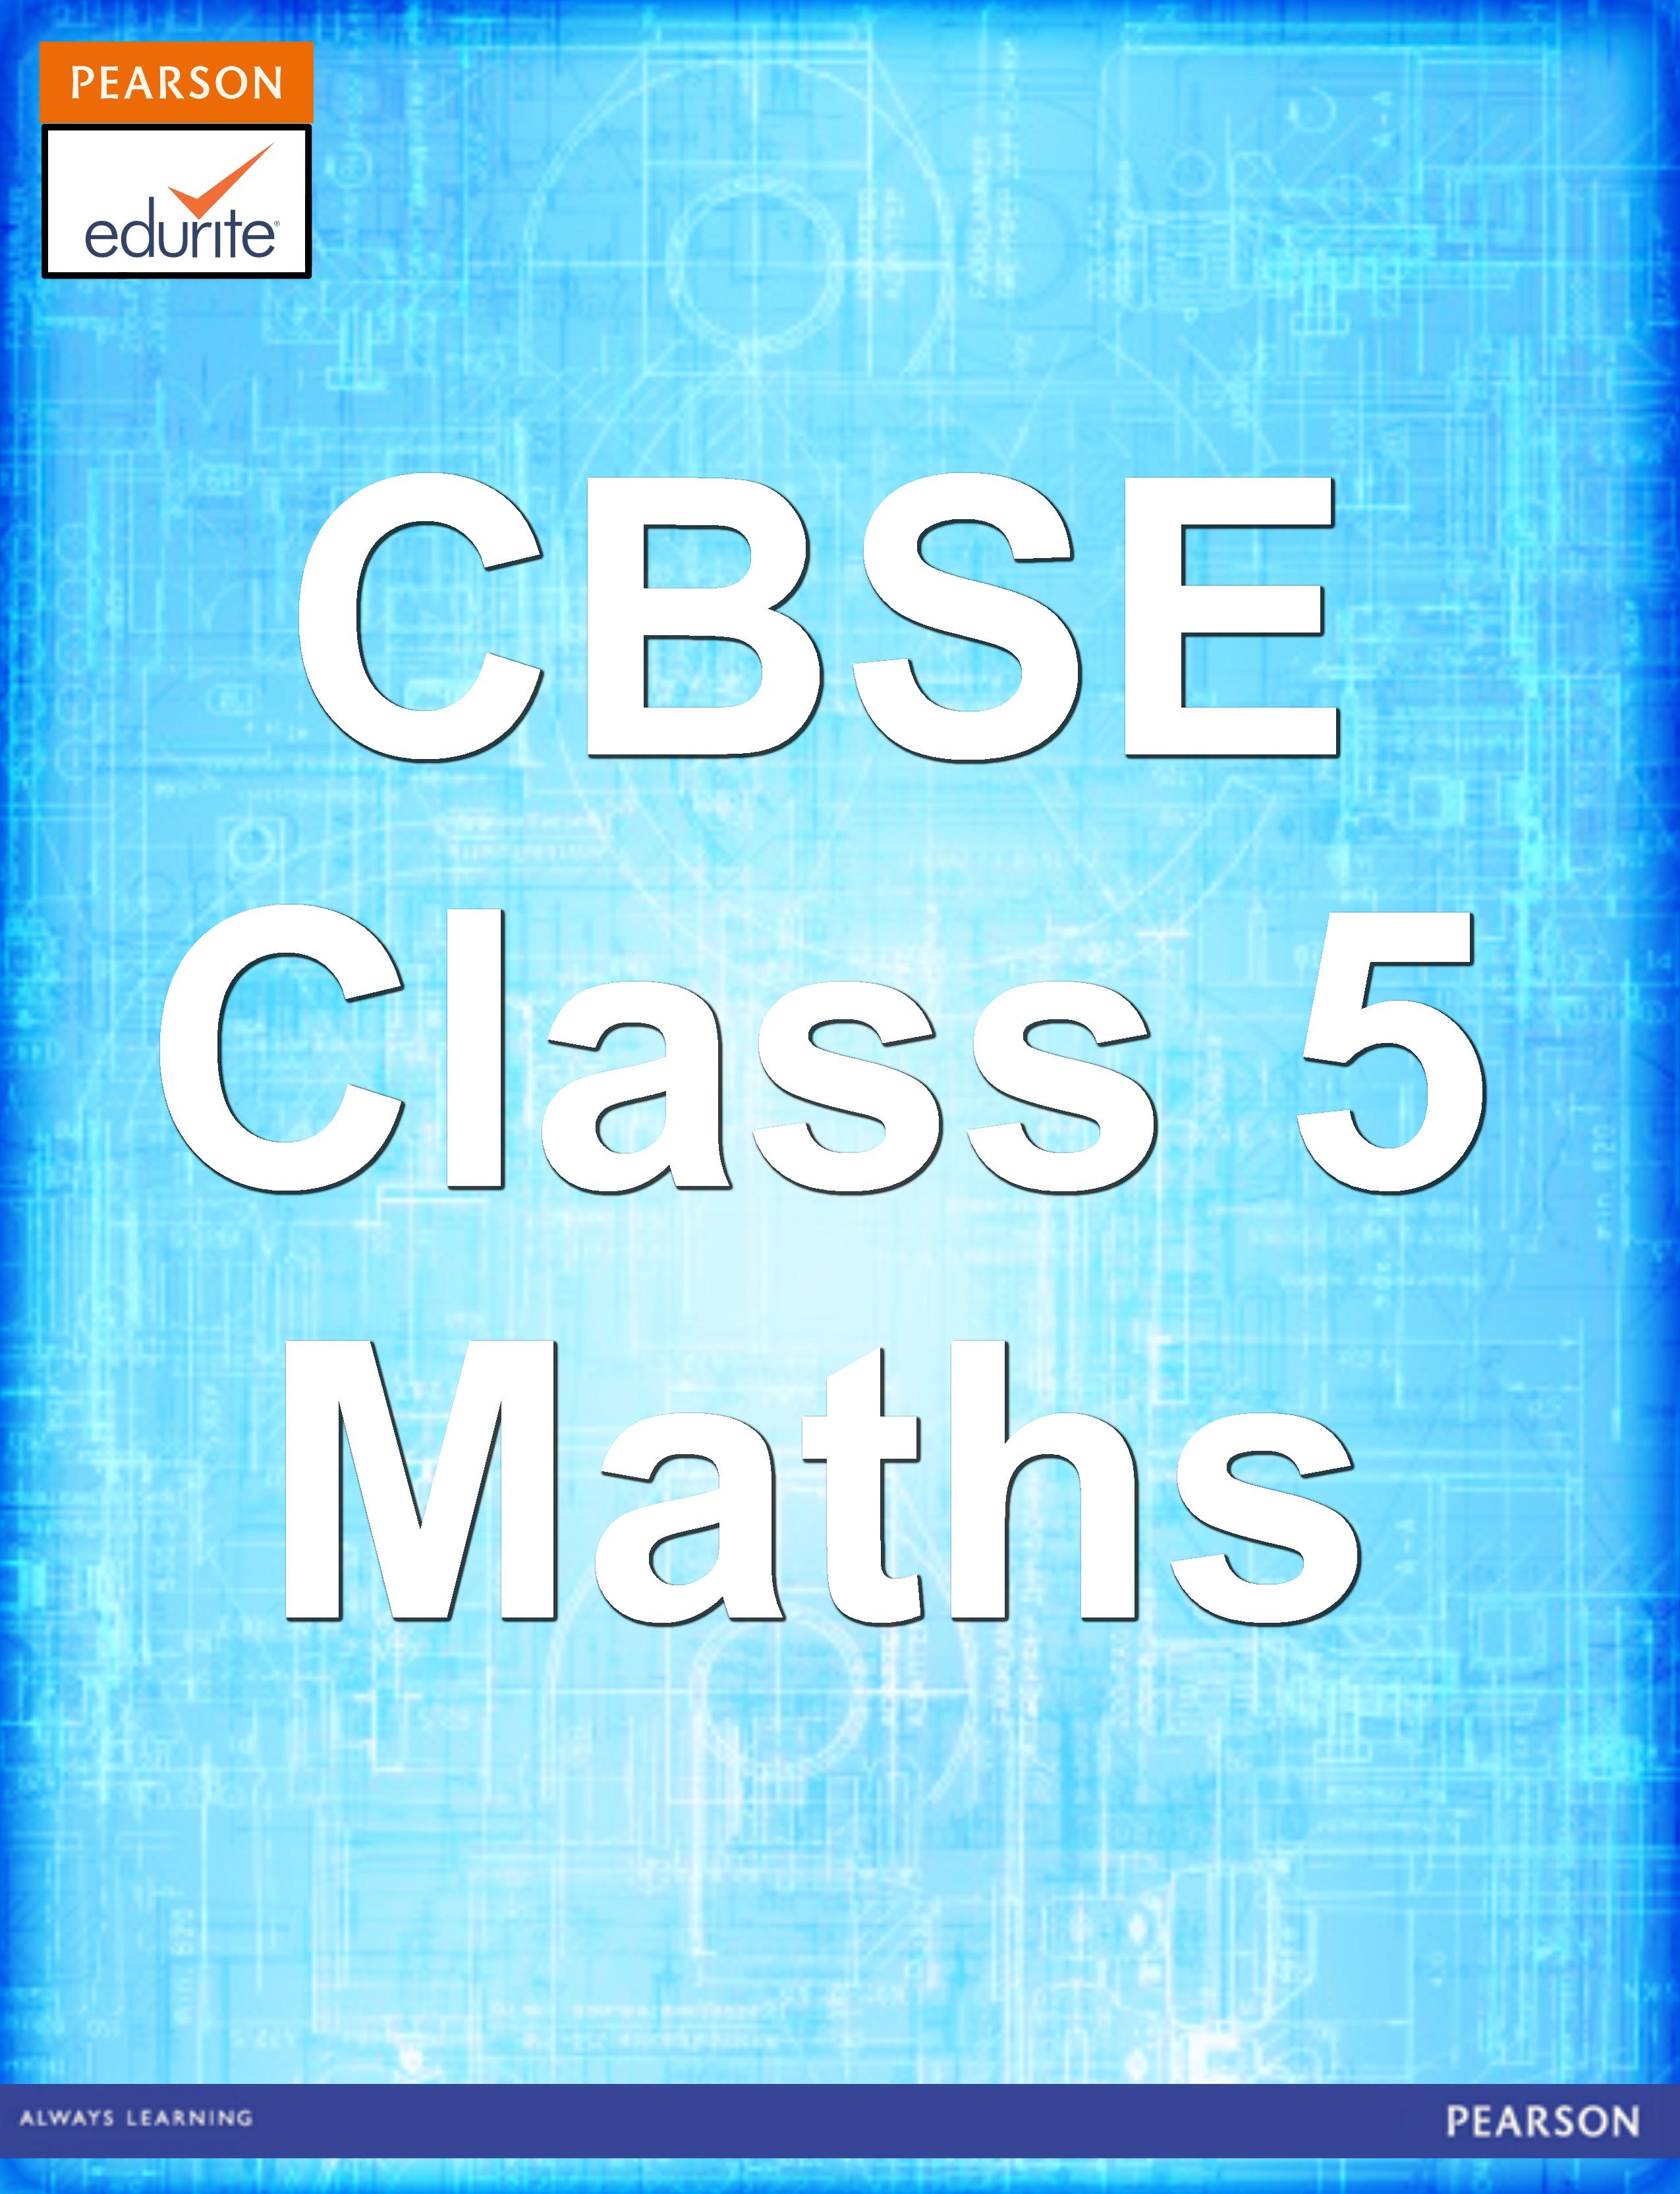 CBSE Class 5 Maths - http://cbse.edurite.com/cbse-maths/cbse-class-5 ...